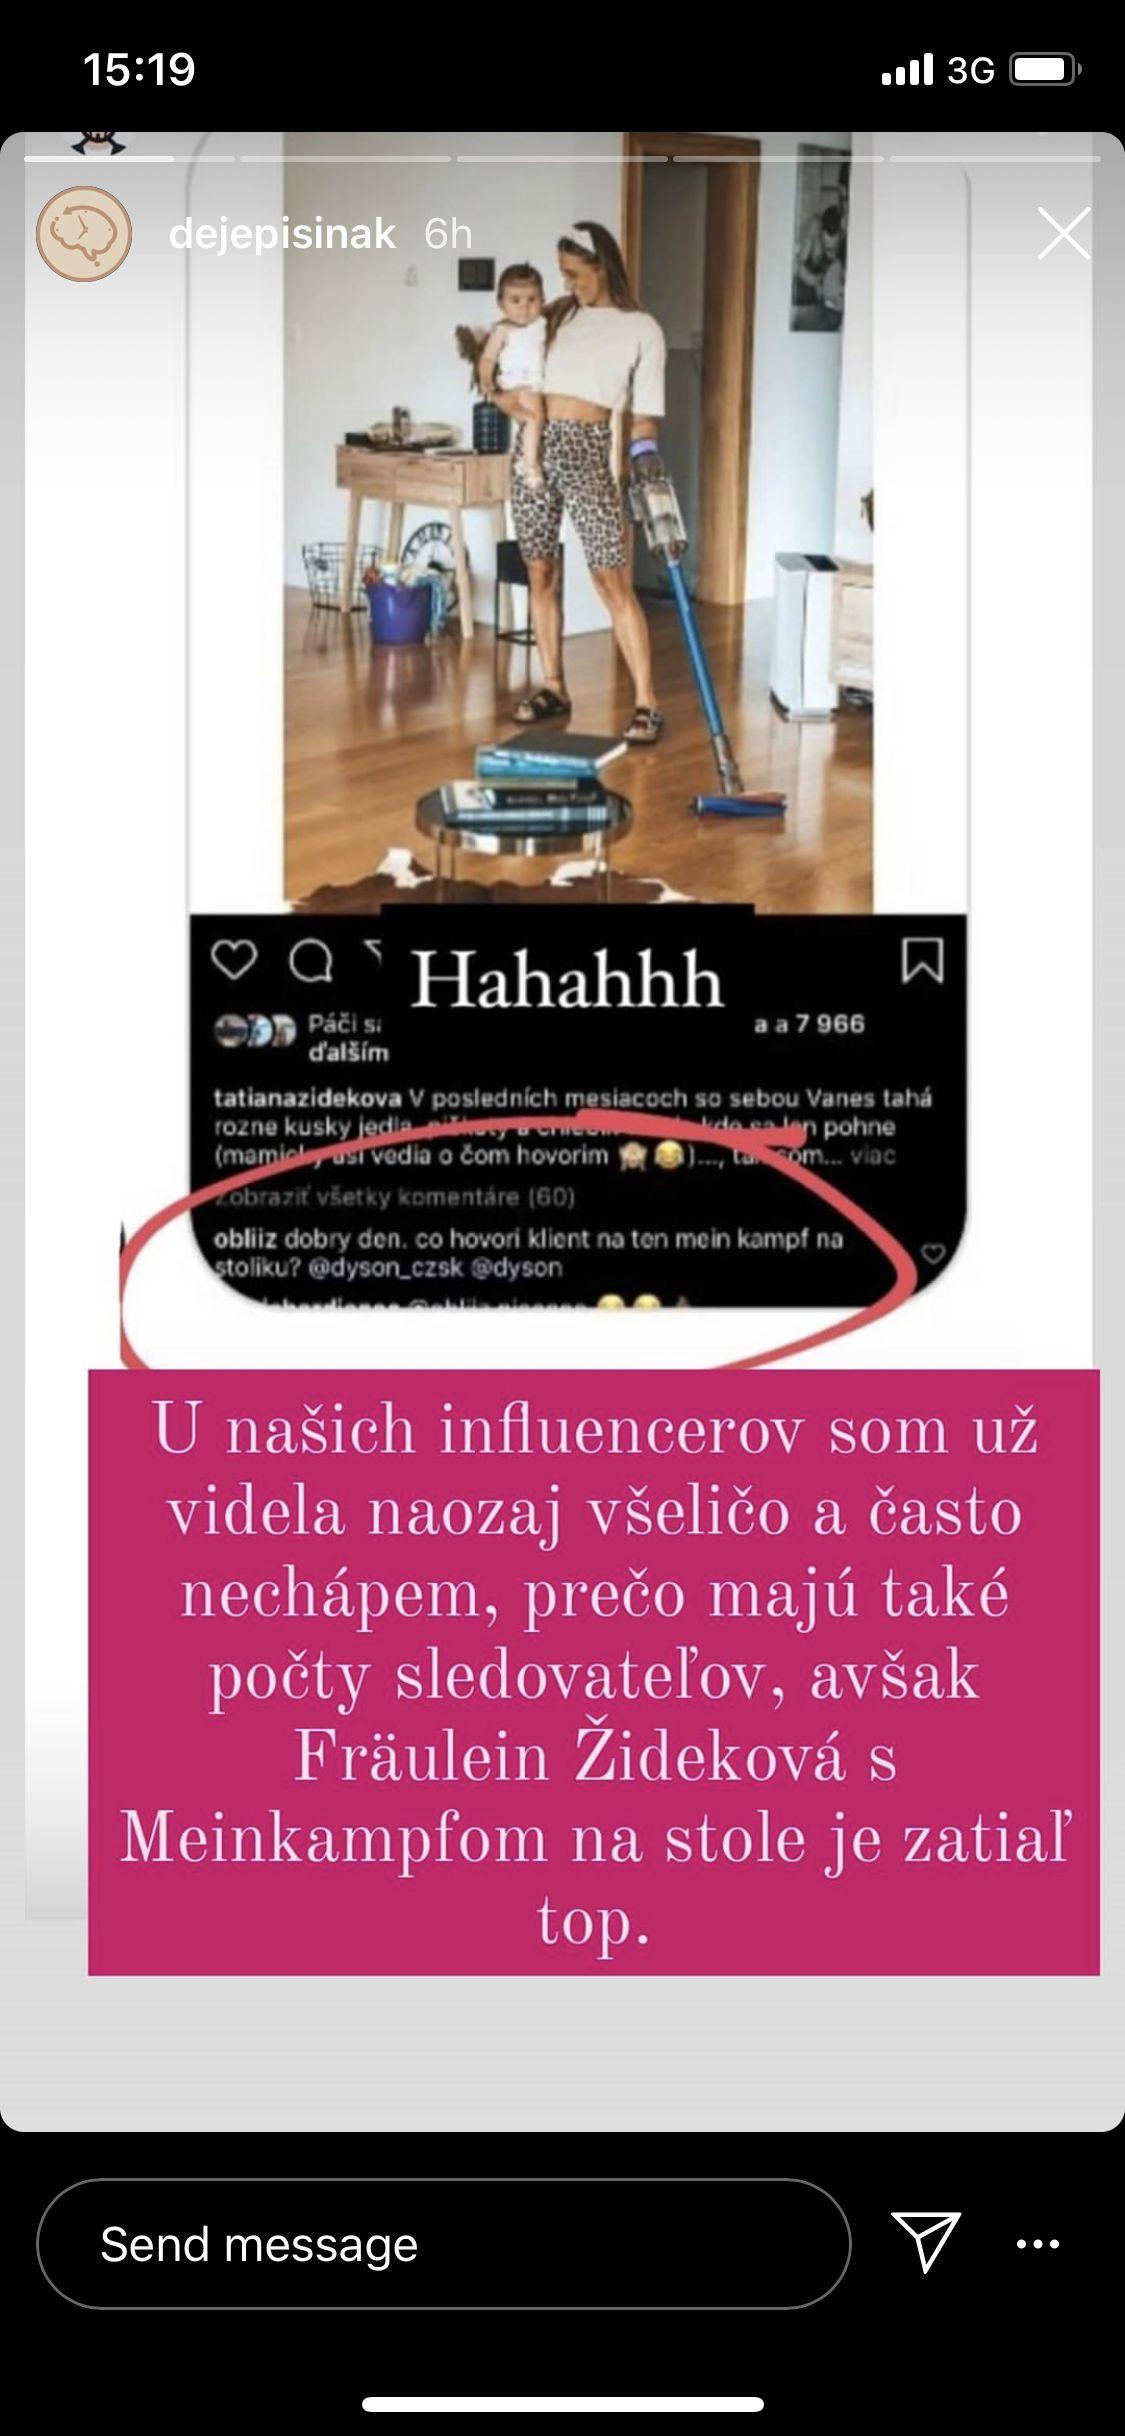 Slovenská influencerka pridala fotku, vo výbere kníh nechýbal Mein Kampf. Vlna kritiky ju donútila zmazať to a ospravedlniť sa